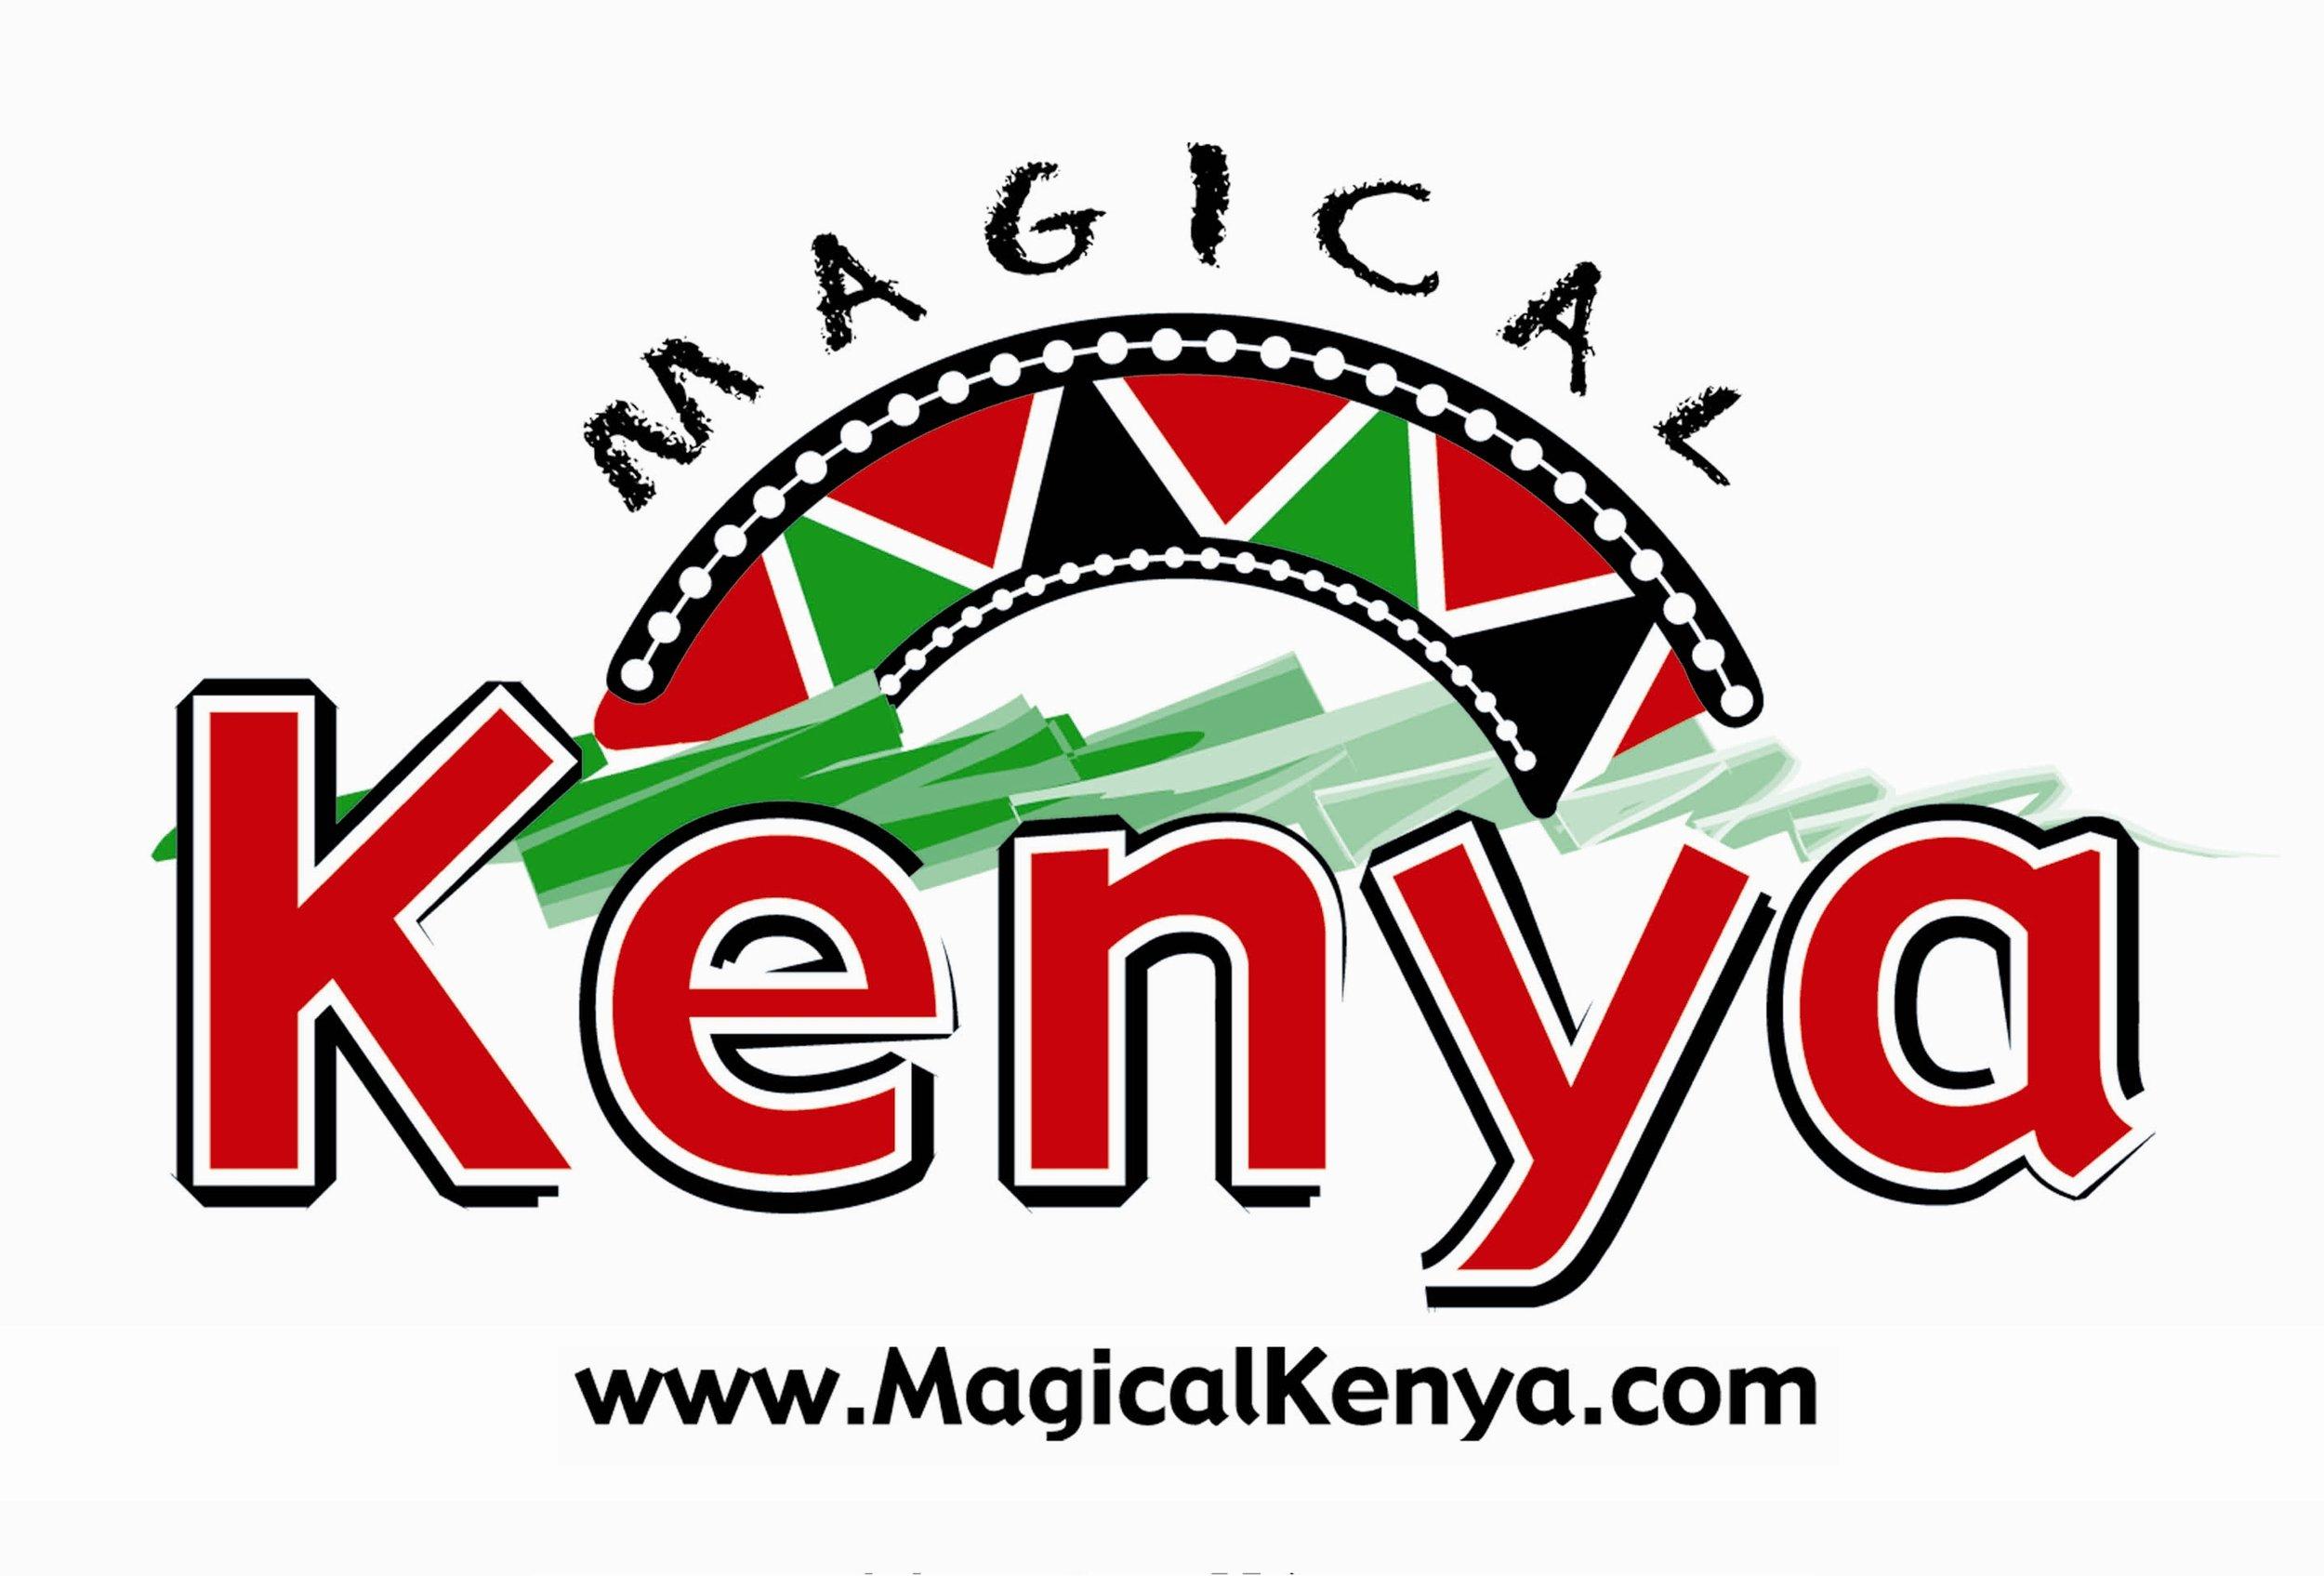 kenya logo.jpg